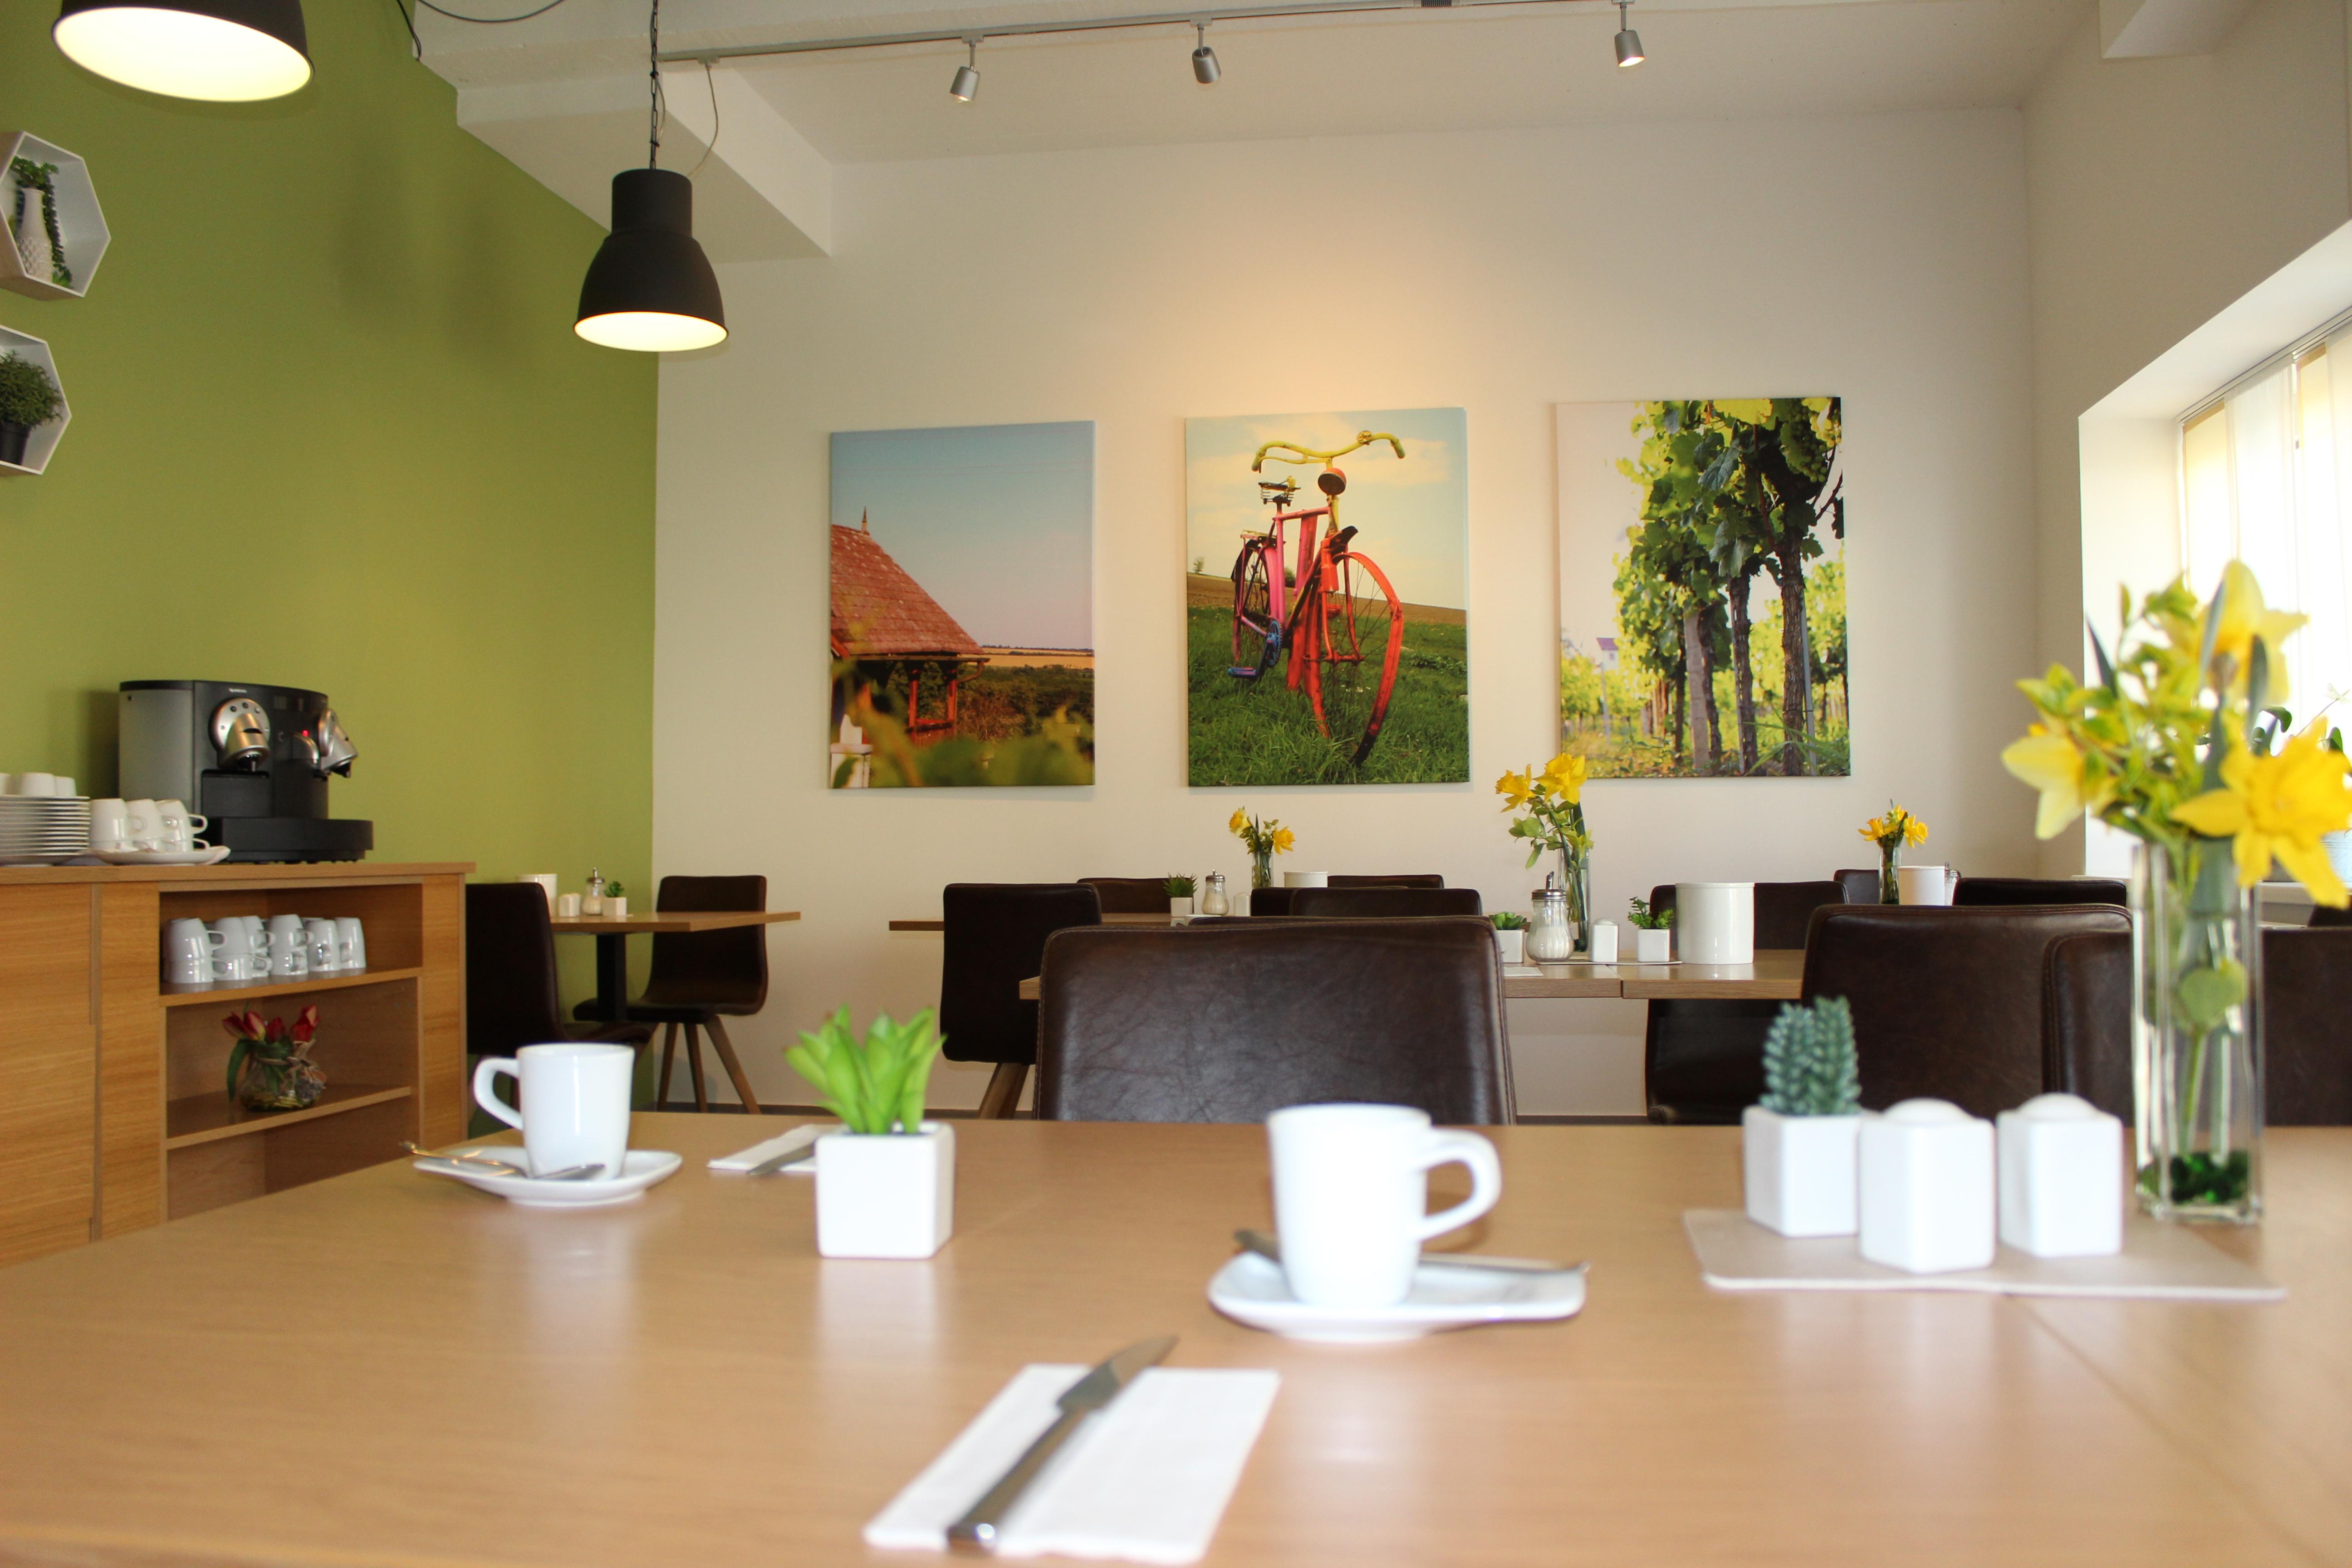 Frühstücksraum von innen, gedeckte Tische, Kaffeemaschine und Bilder an Wand